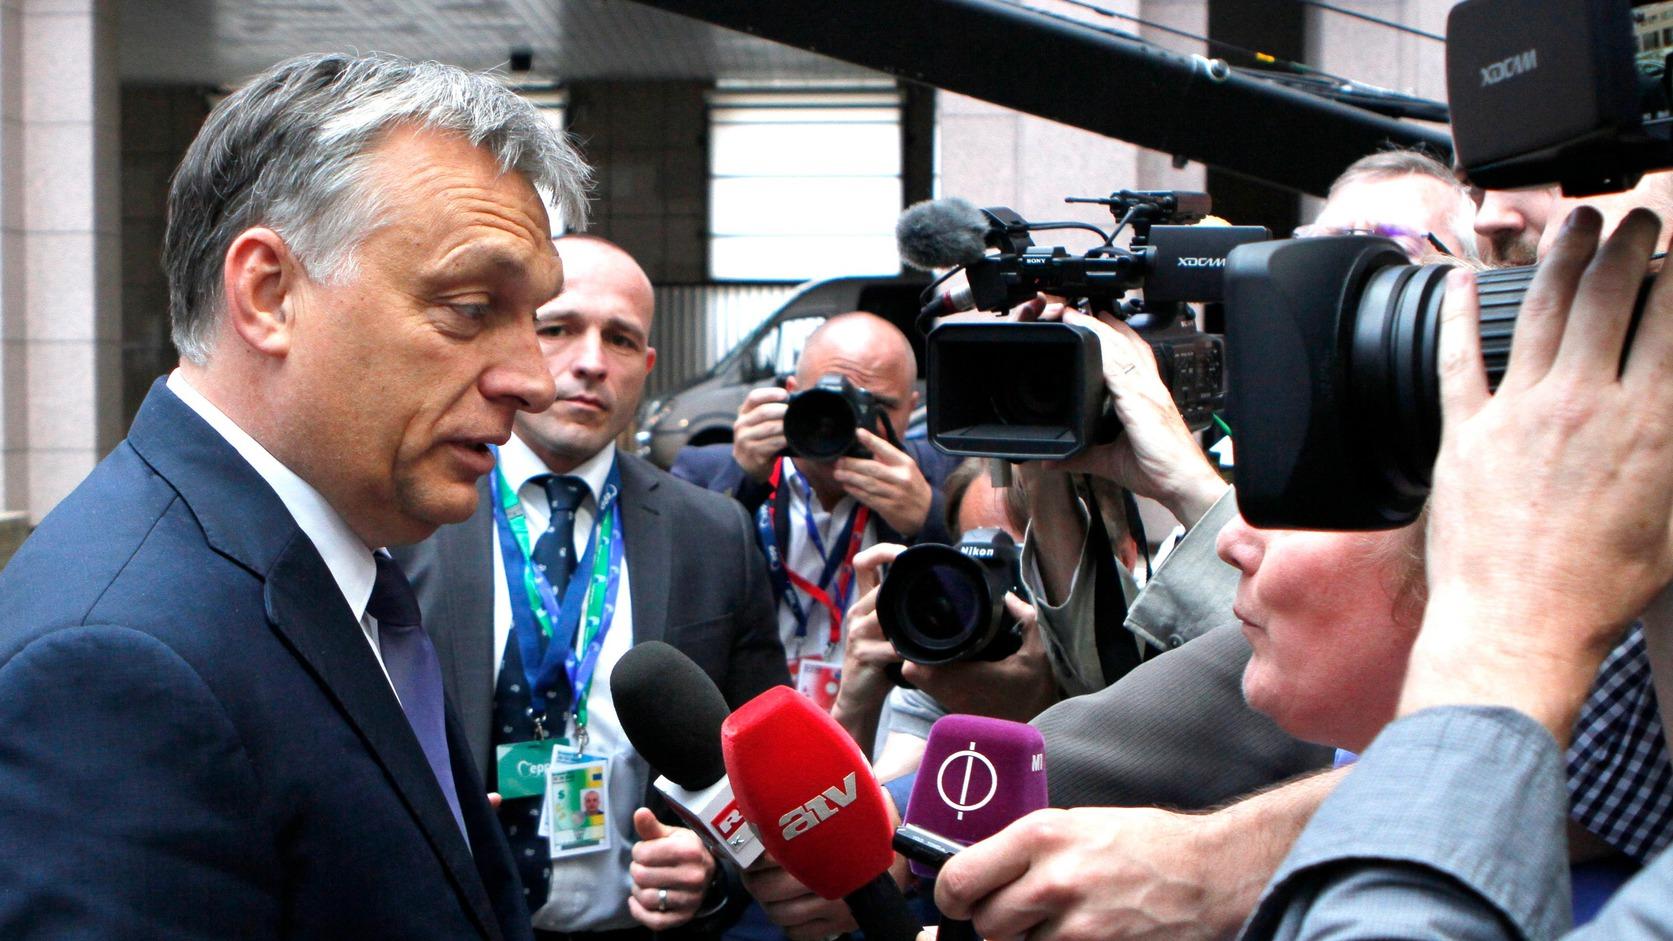 Brüsszel, 2016. június 28. Az Európai Tanács által közreadott képen Orbán Viktor miniszterelnök az Európai Unió kétnapos brüsszeli csúcstalálkozójára érkezik a tanácskozás első napján, 2016. június 28-án. A Nagy-Britannia EU-tagságáról rendezett június 23-i népszavazáson a többség arra voksolt, hogy az ország lépjen ki az Európai Unióból. (MTI/Európai Tanács/Sebastien Pirlet)